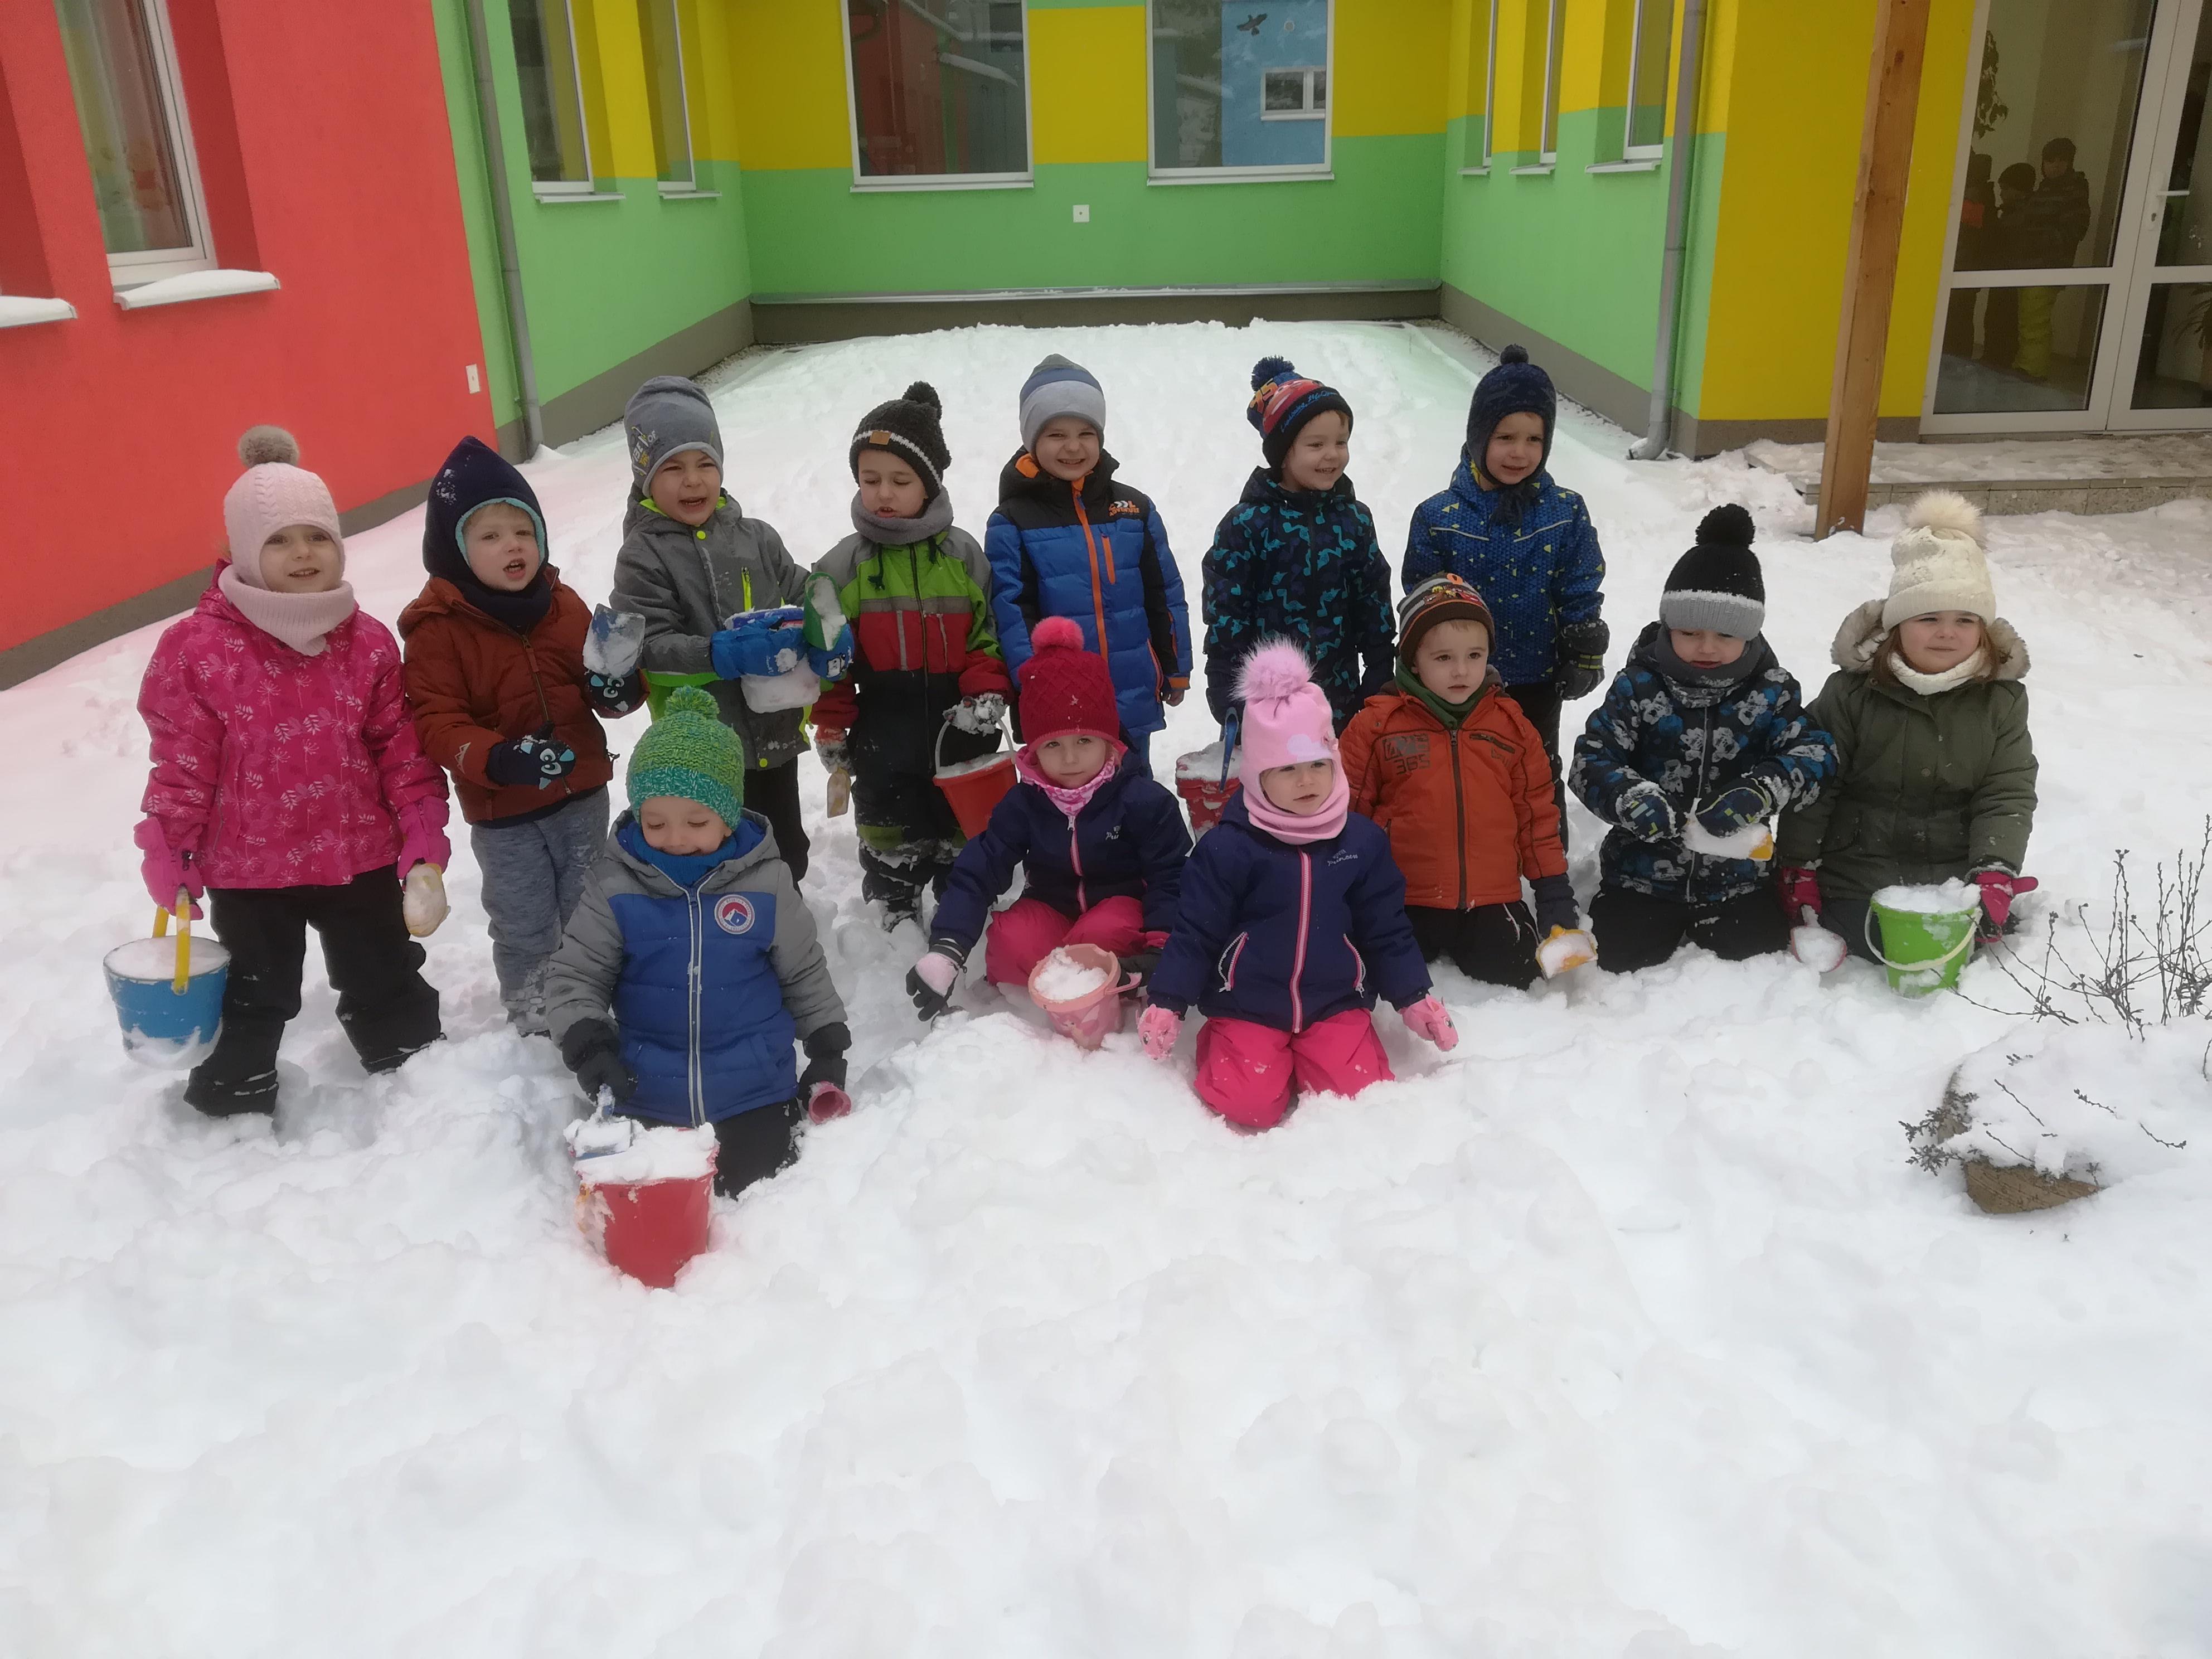 Hry na snehu